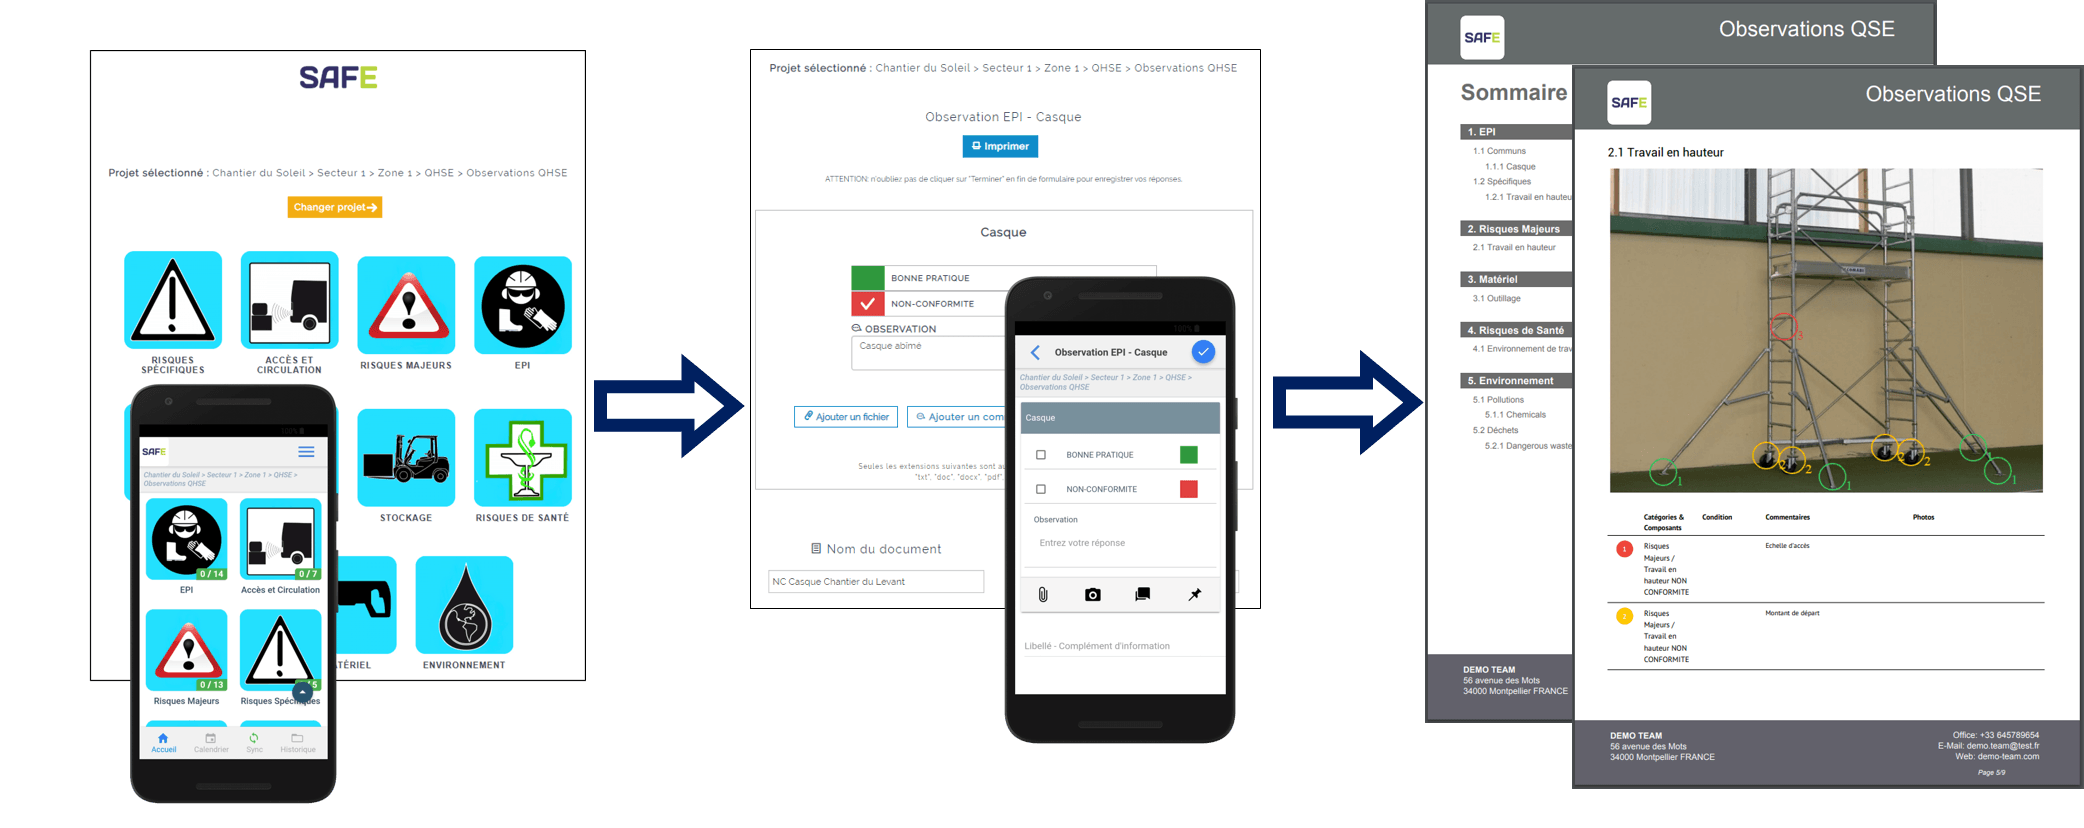 safenergy concept de l'appli au rapport automatisé